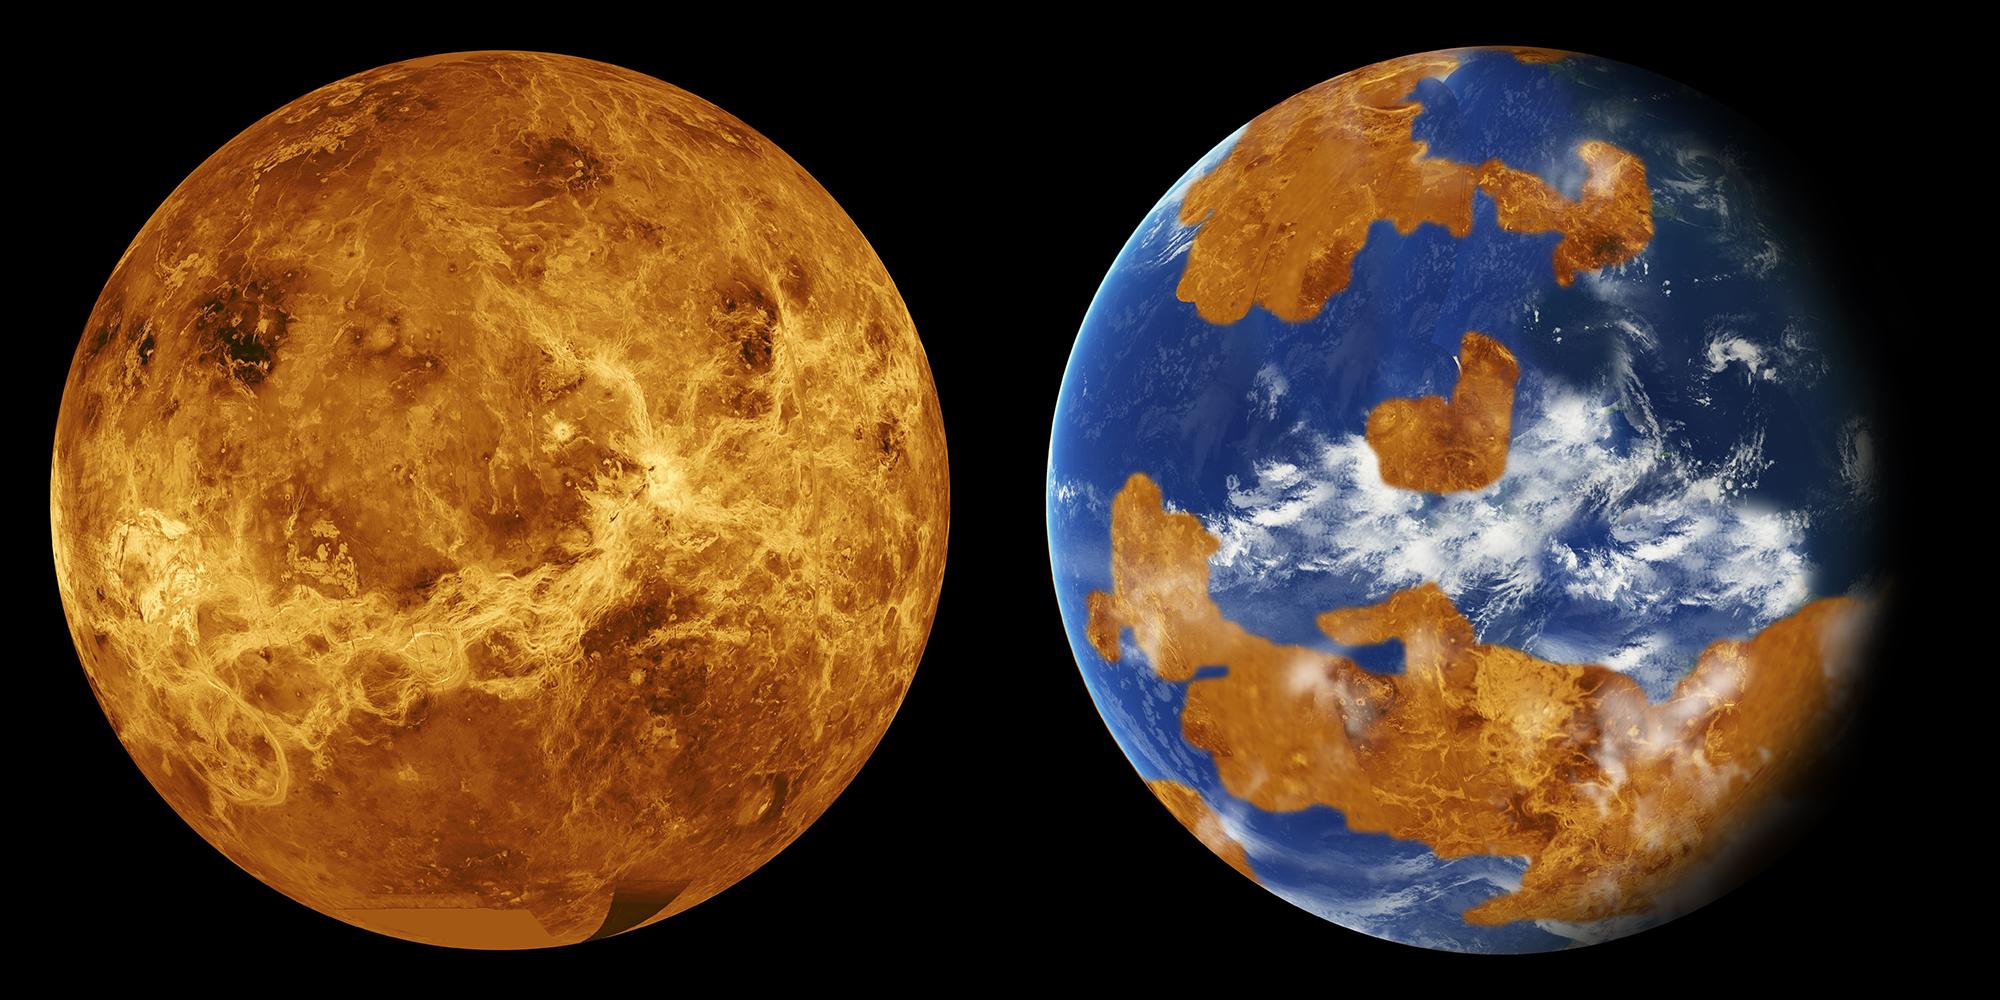 金星探査の次期ミッションが示唆する太陽系外惑星の居住可能性